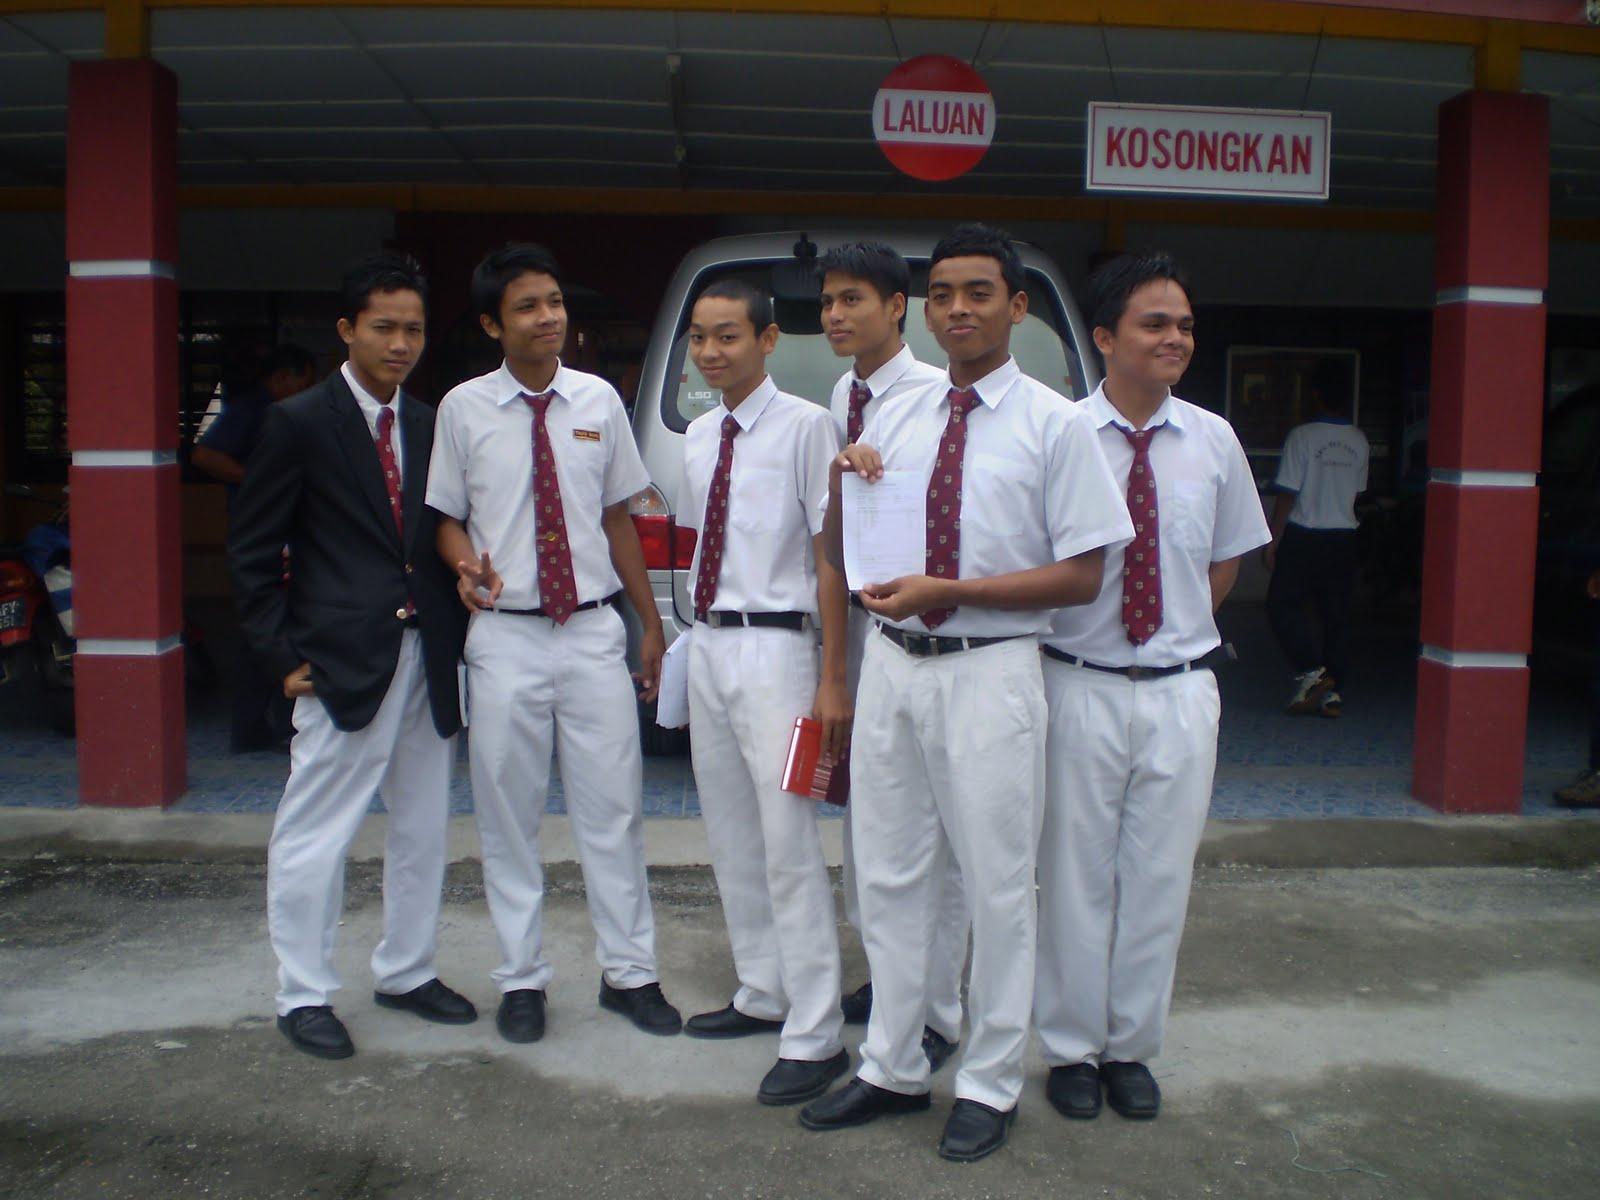 Sekolah Kluster Berasrama Kronis M